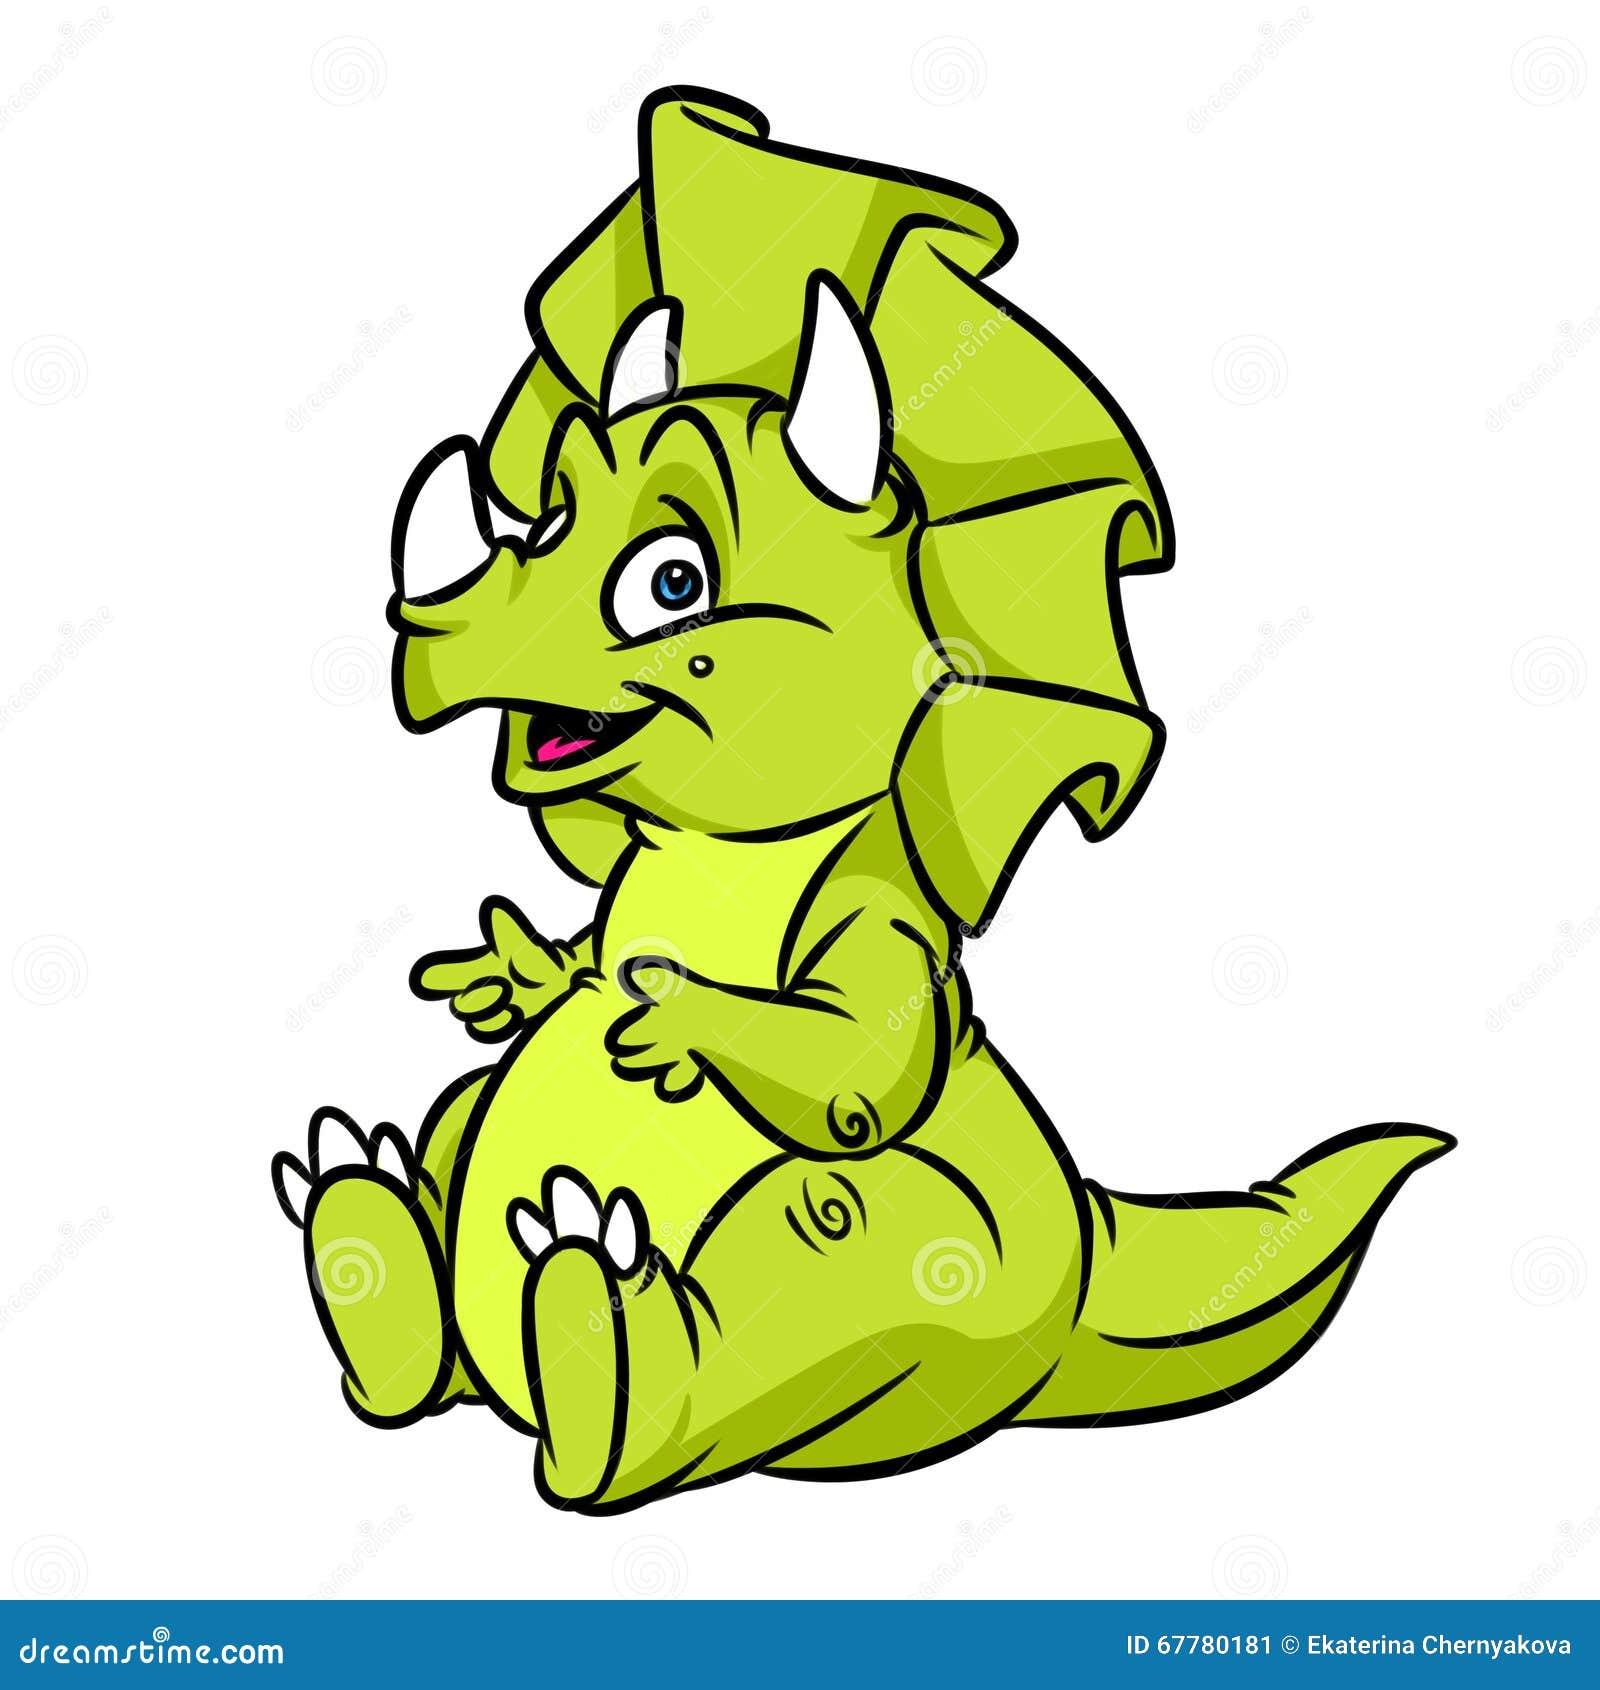 Dinosaur Triceratops Stock Illustrations – 3,024 Dinosaur ...